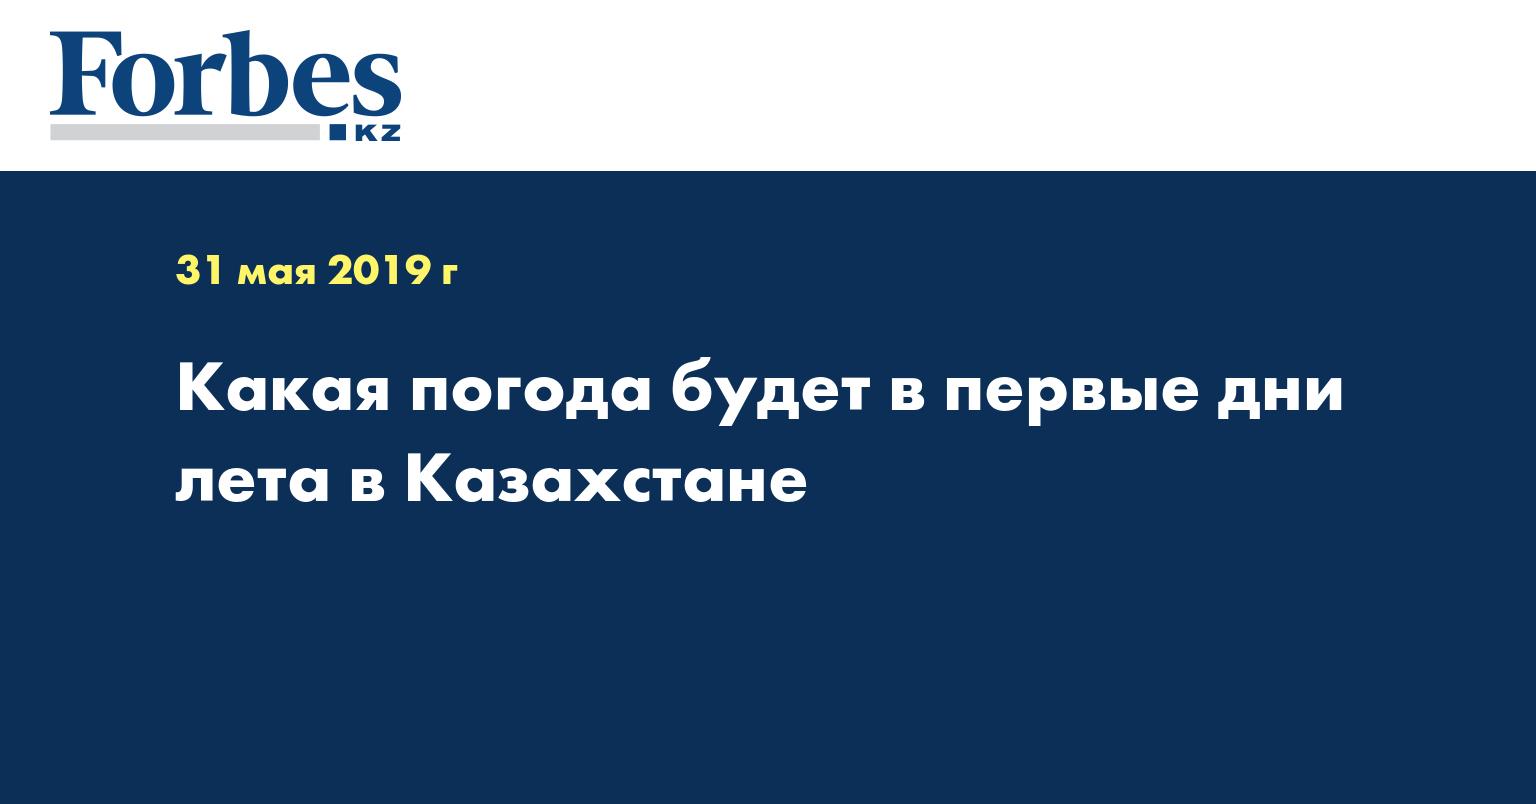 Какая погода будет в первые дни лета в Казахстане